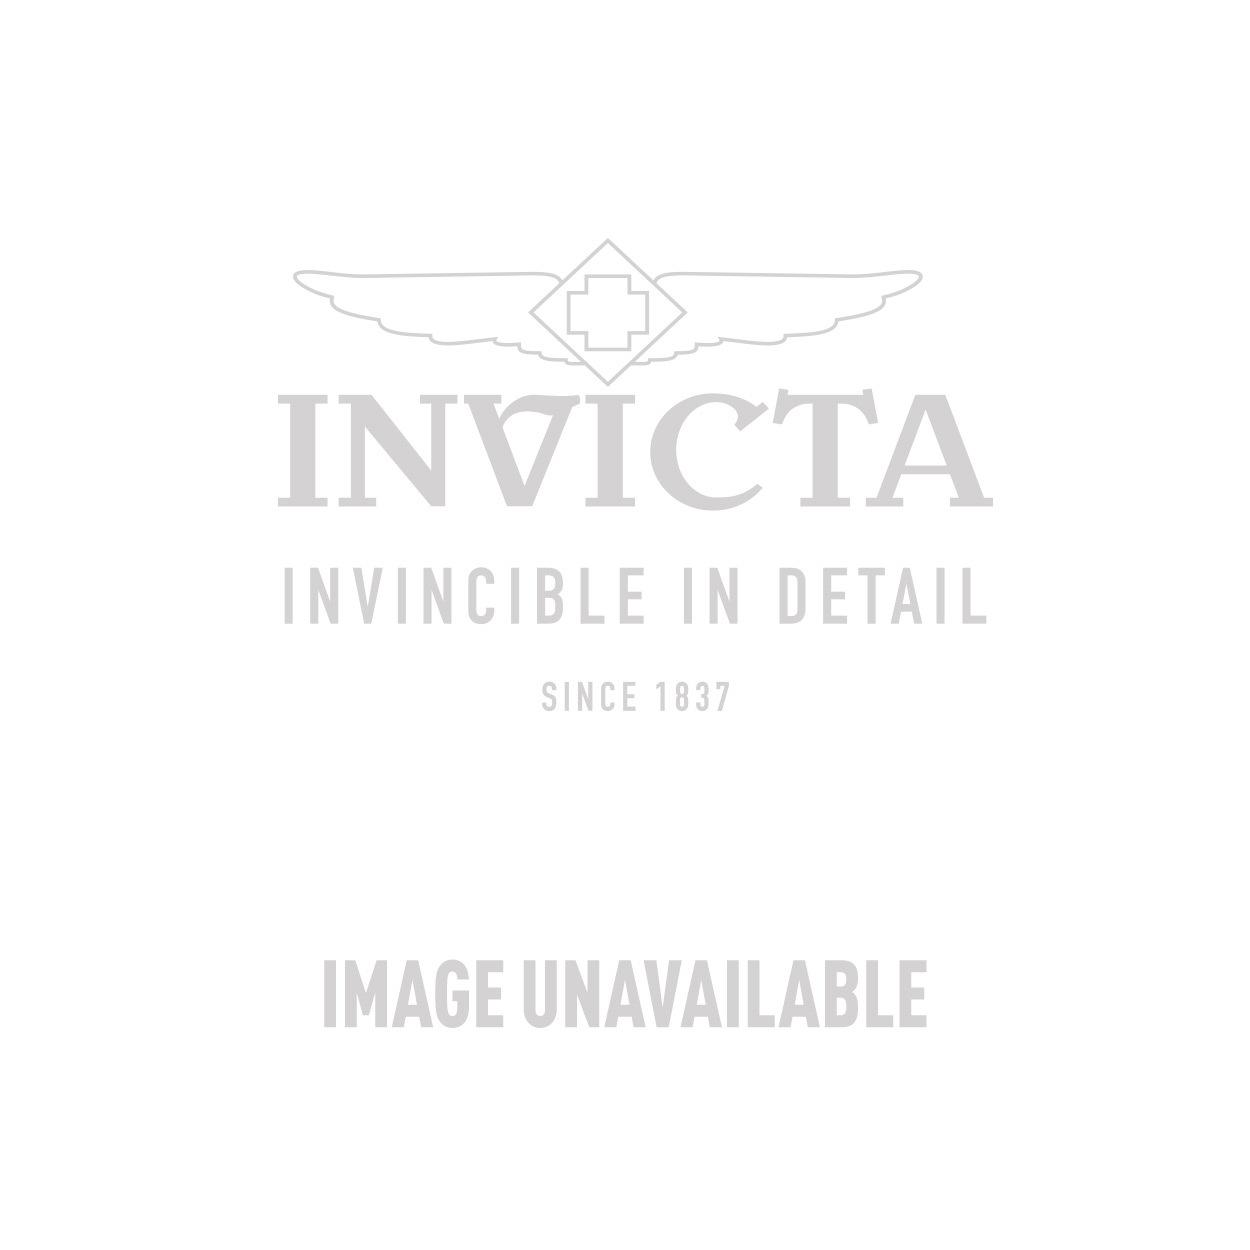 Invicta Model 25989